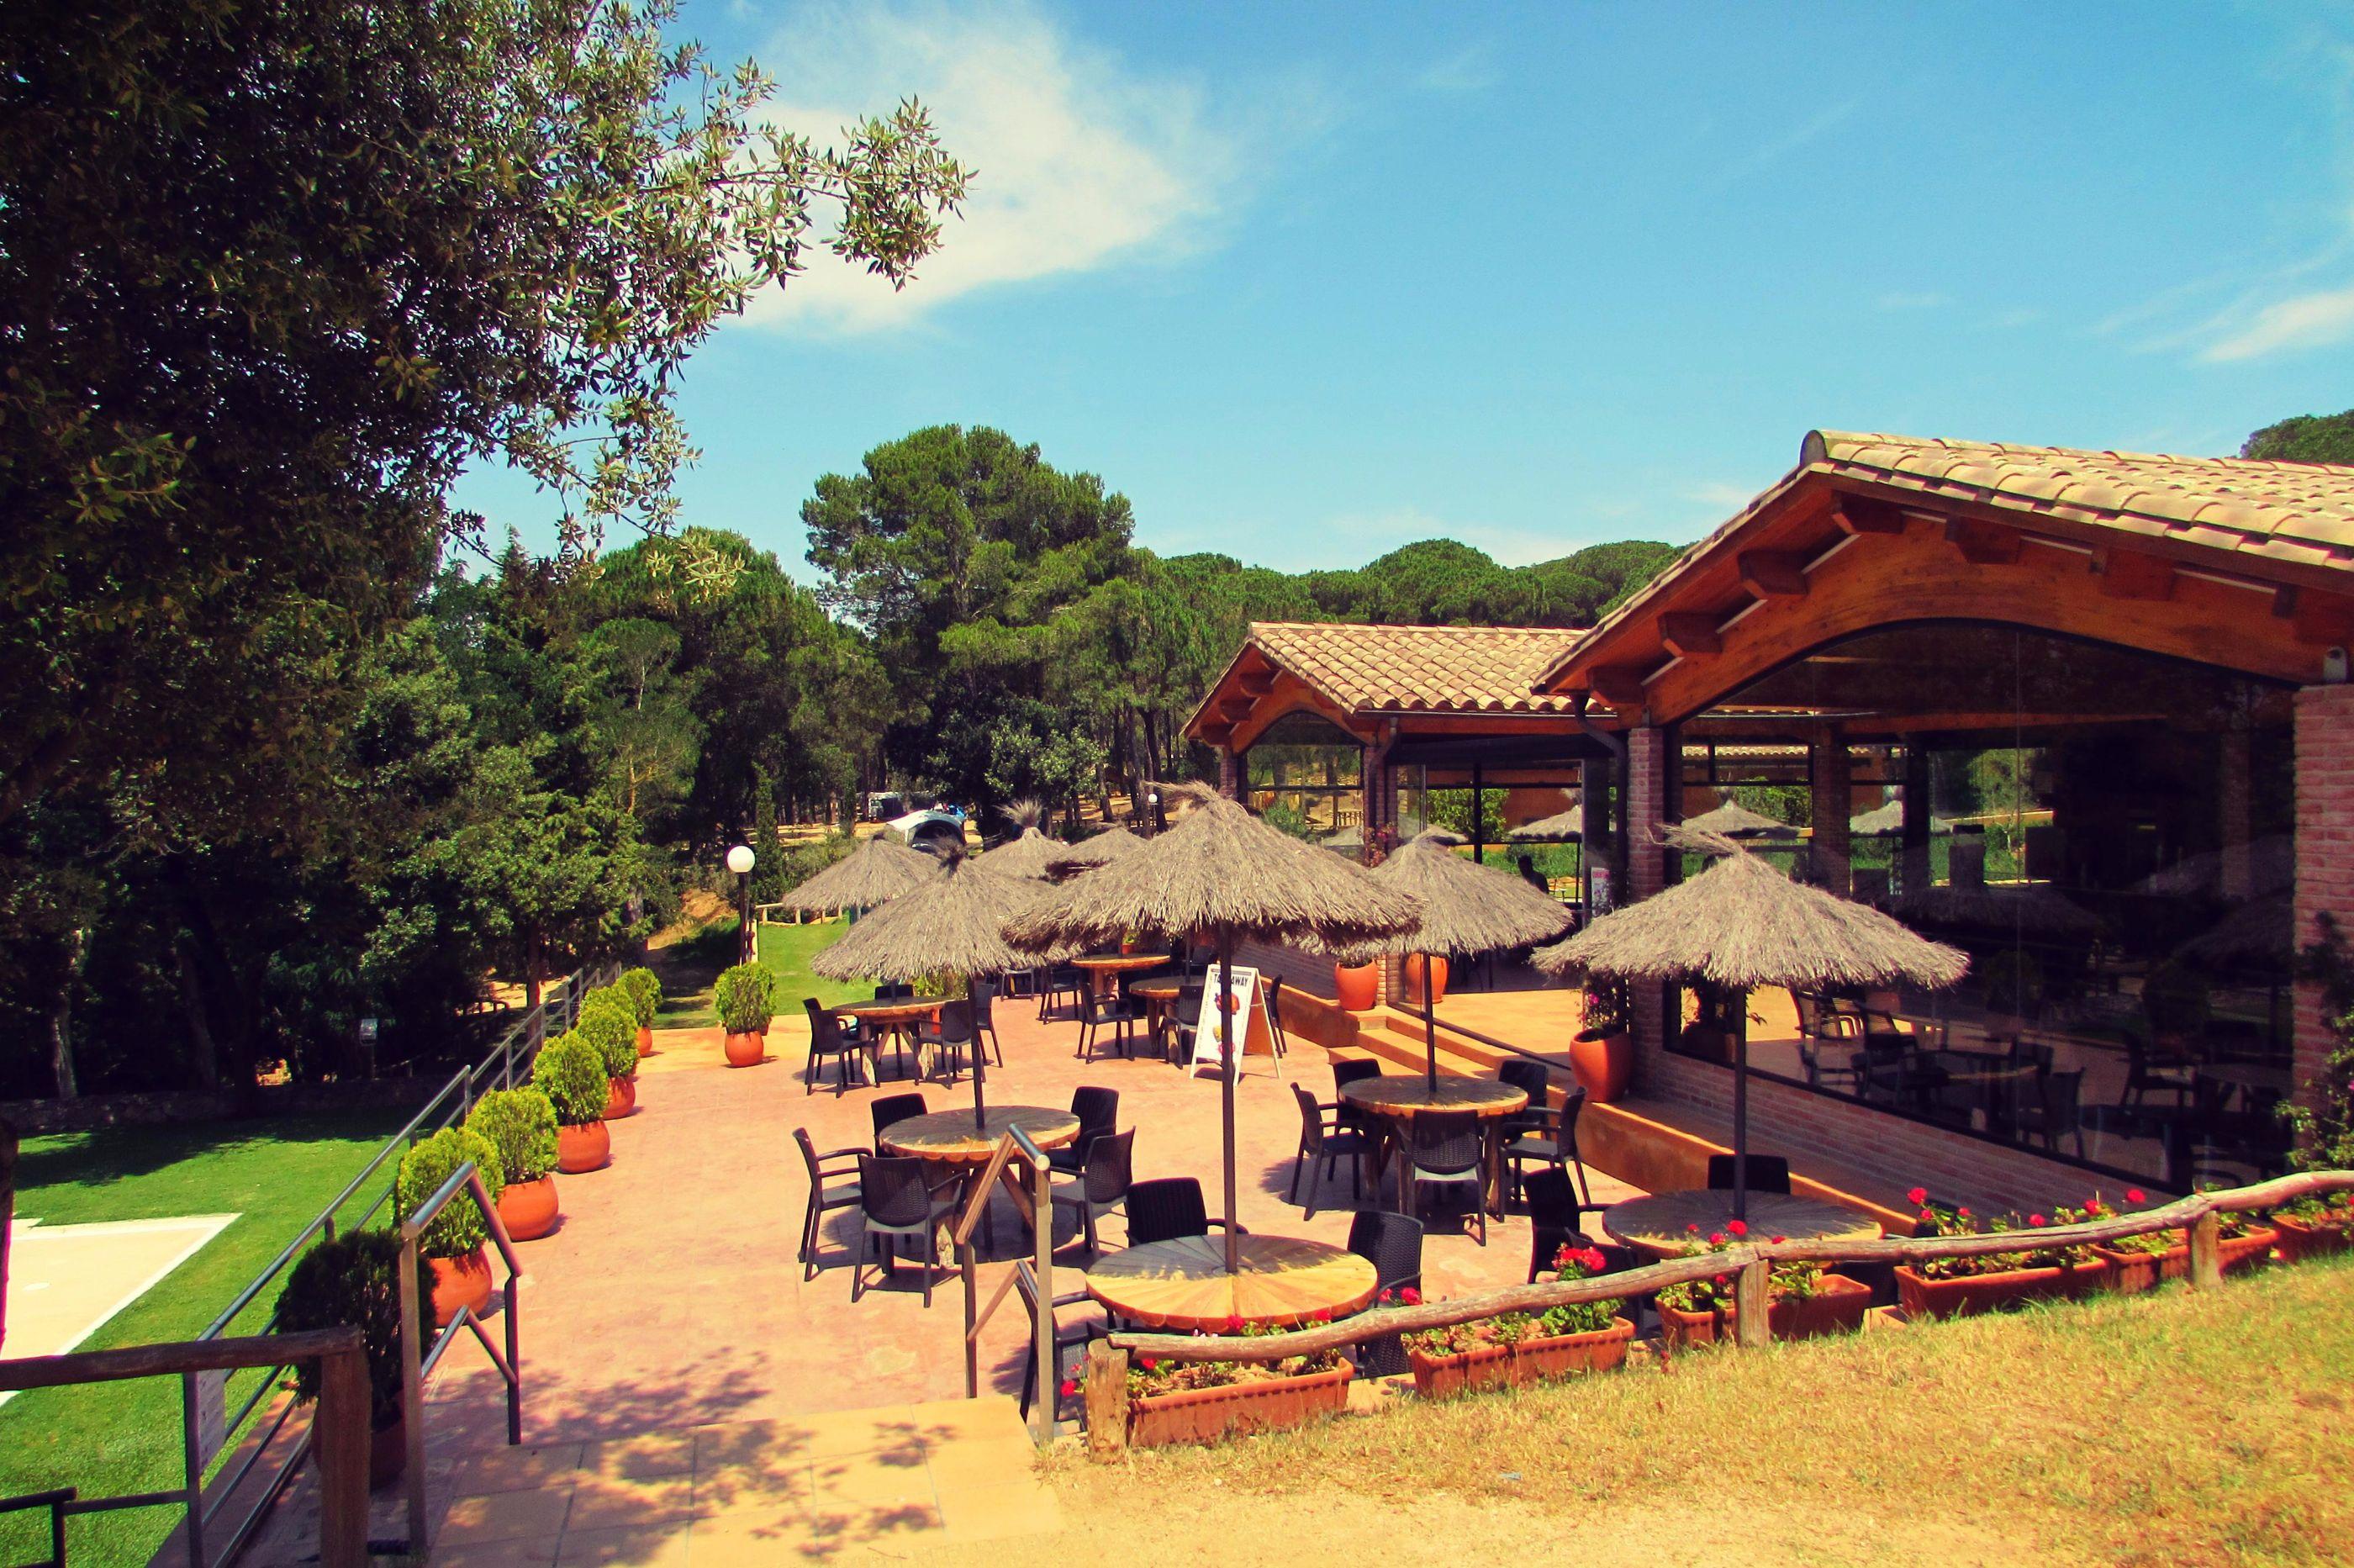 Camping in Begur Campsite Restaurant